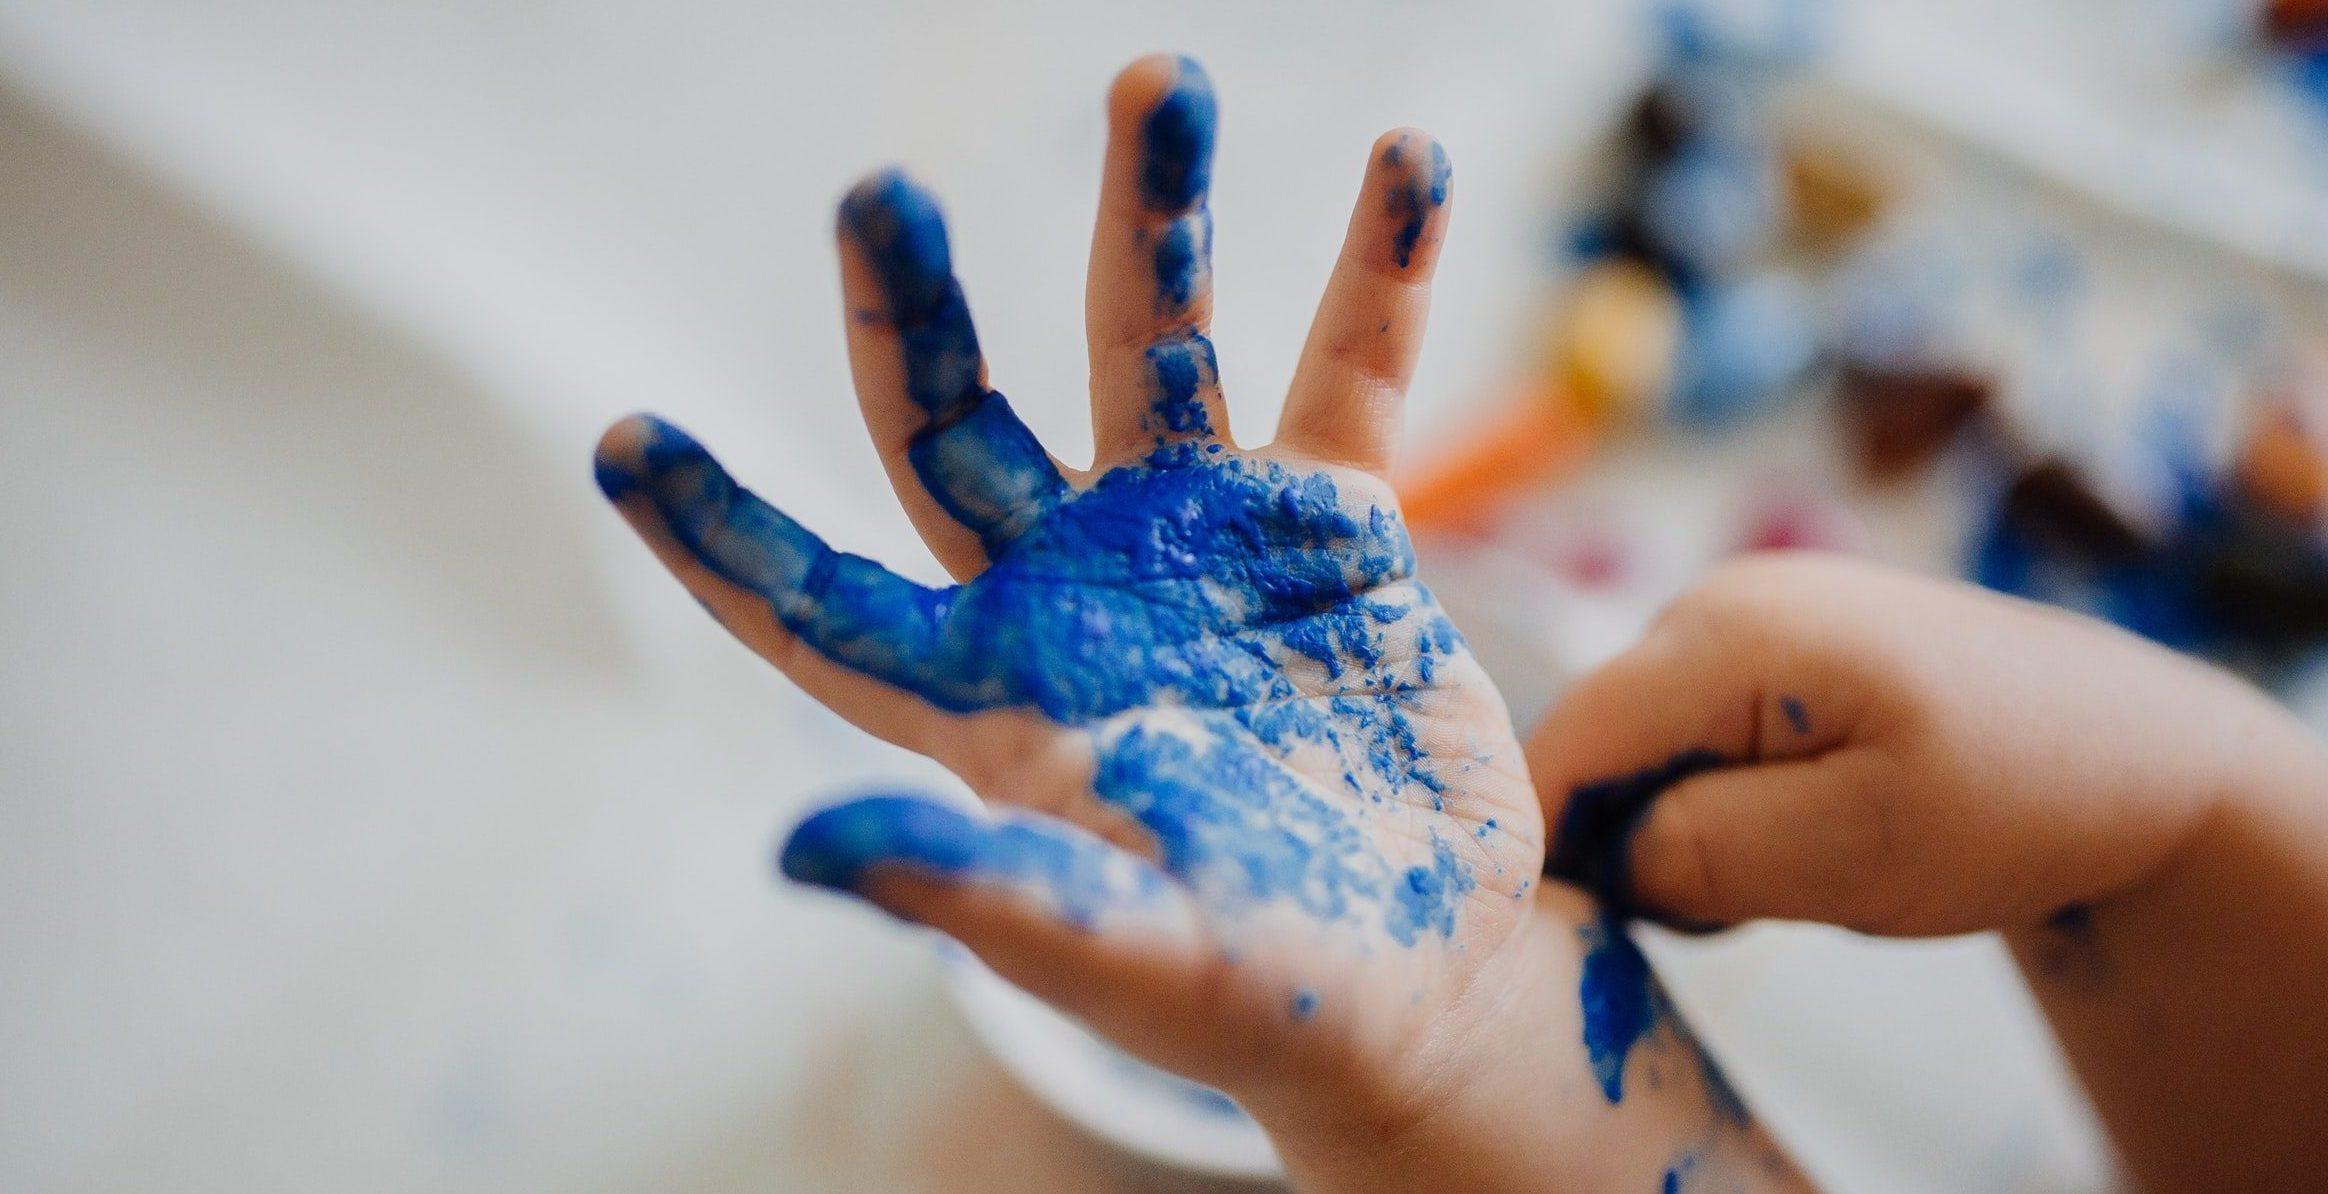 Fostering Children's Creative Growth